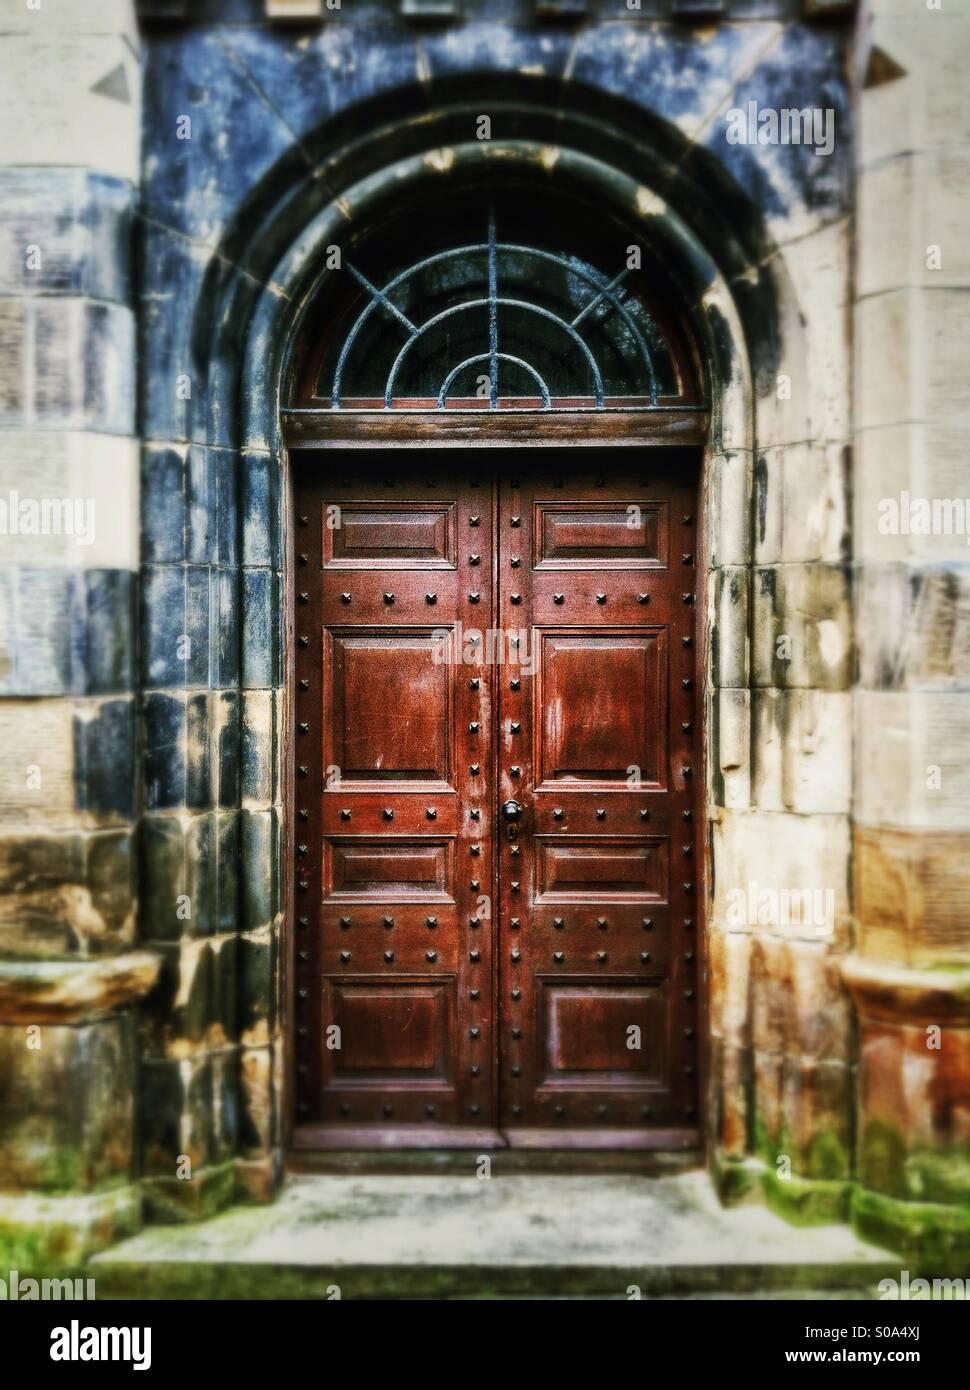 Heavy old wooden door in Victorian building. - Stock Image & Old Victorian Door Stock Photos \u0026 Old Victorian Door Stock Images ...